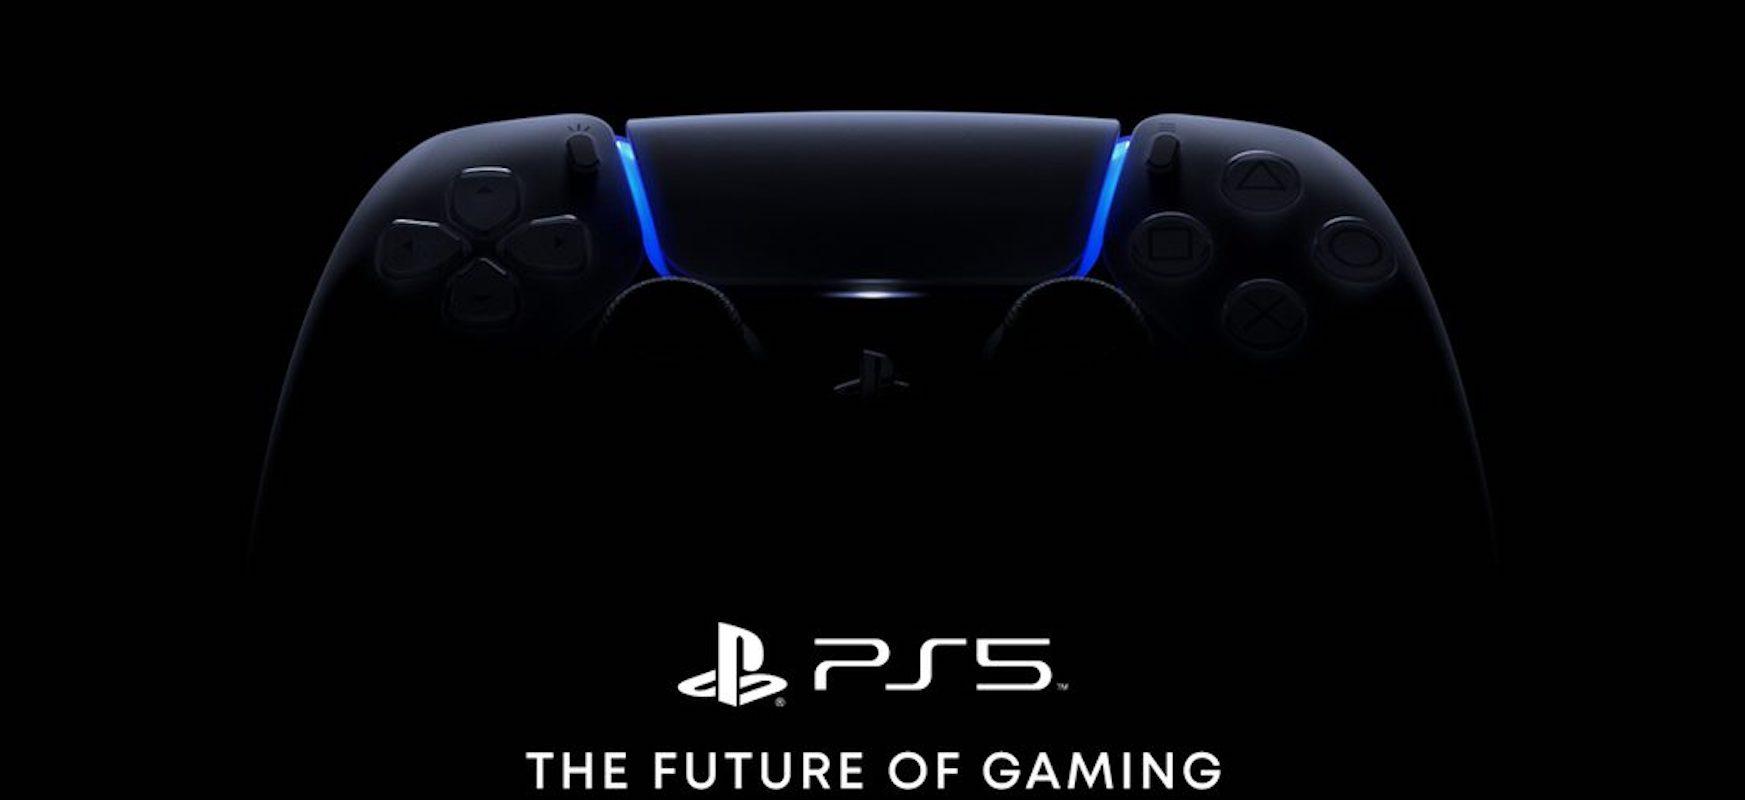 Sonyren erabakia da.  Azken PS4 jokoak PS5-n funtzionatuko dute, eta PS5-en jokoek PS4-n